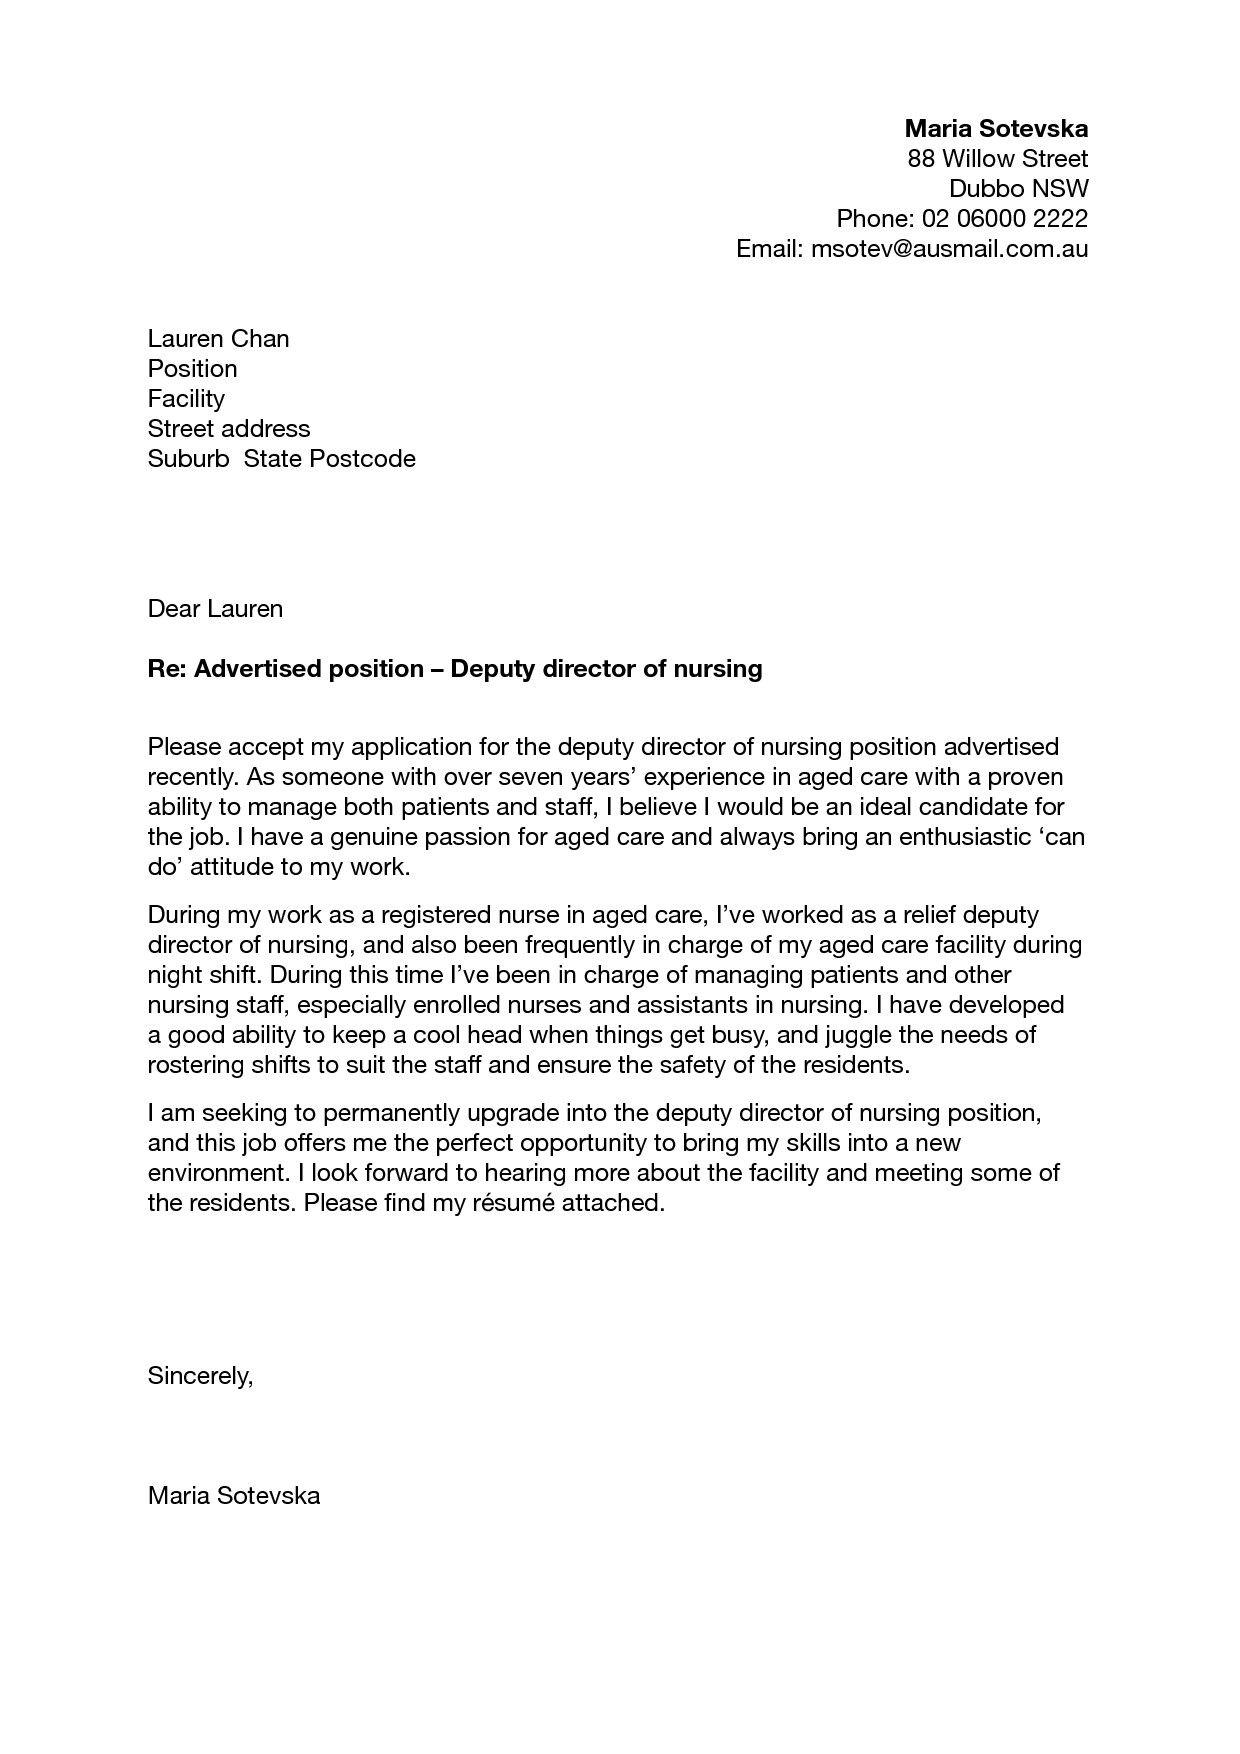 50 Sample Cover Letter for Nursing Job Ey7t di 2020